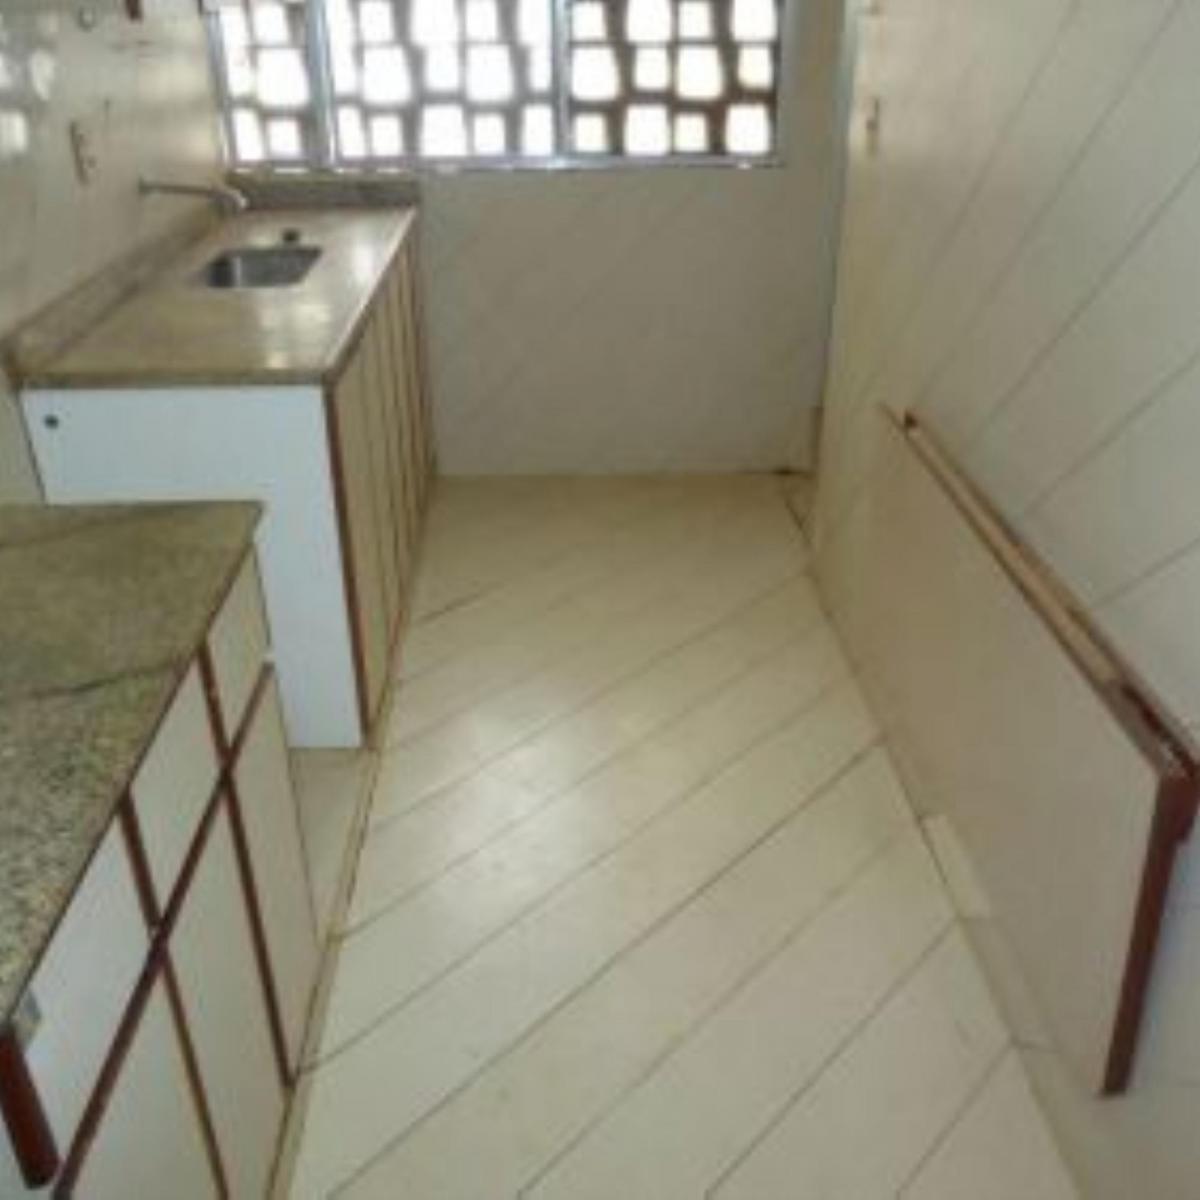 Imagens de #413126 Apartamento para aluguel com 2 Quartos Asa Norte Brasília R$ 1  1200x1200 px 3096 Box Banheiro Asa Norte